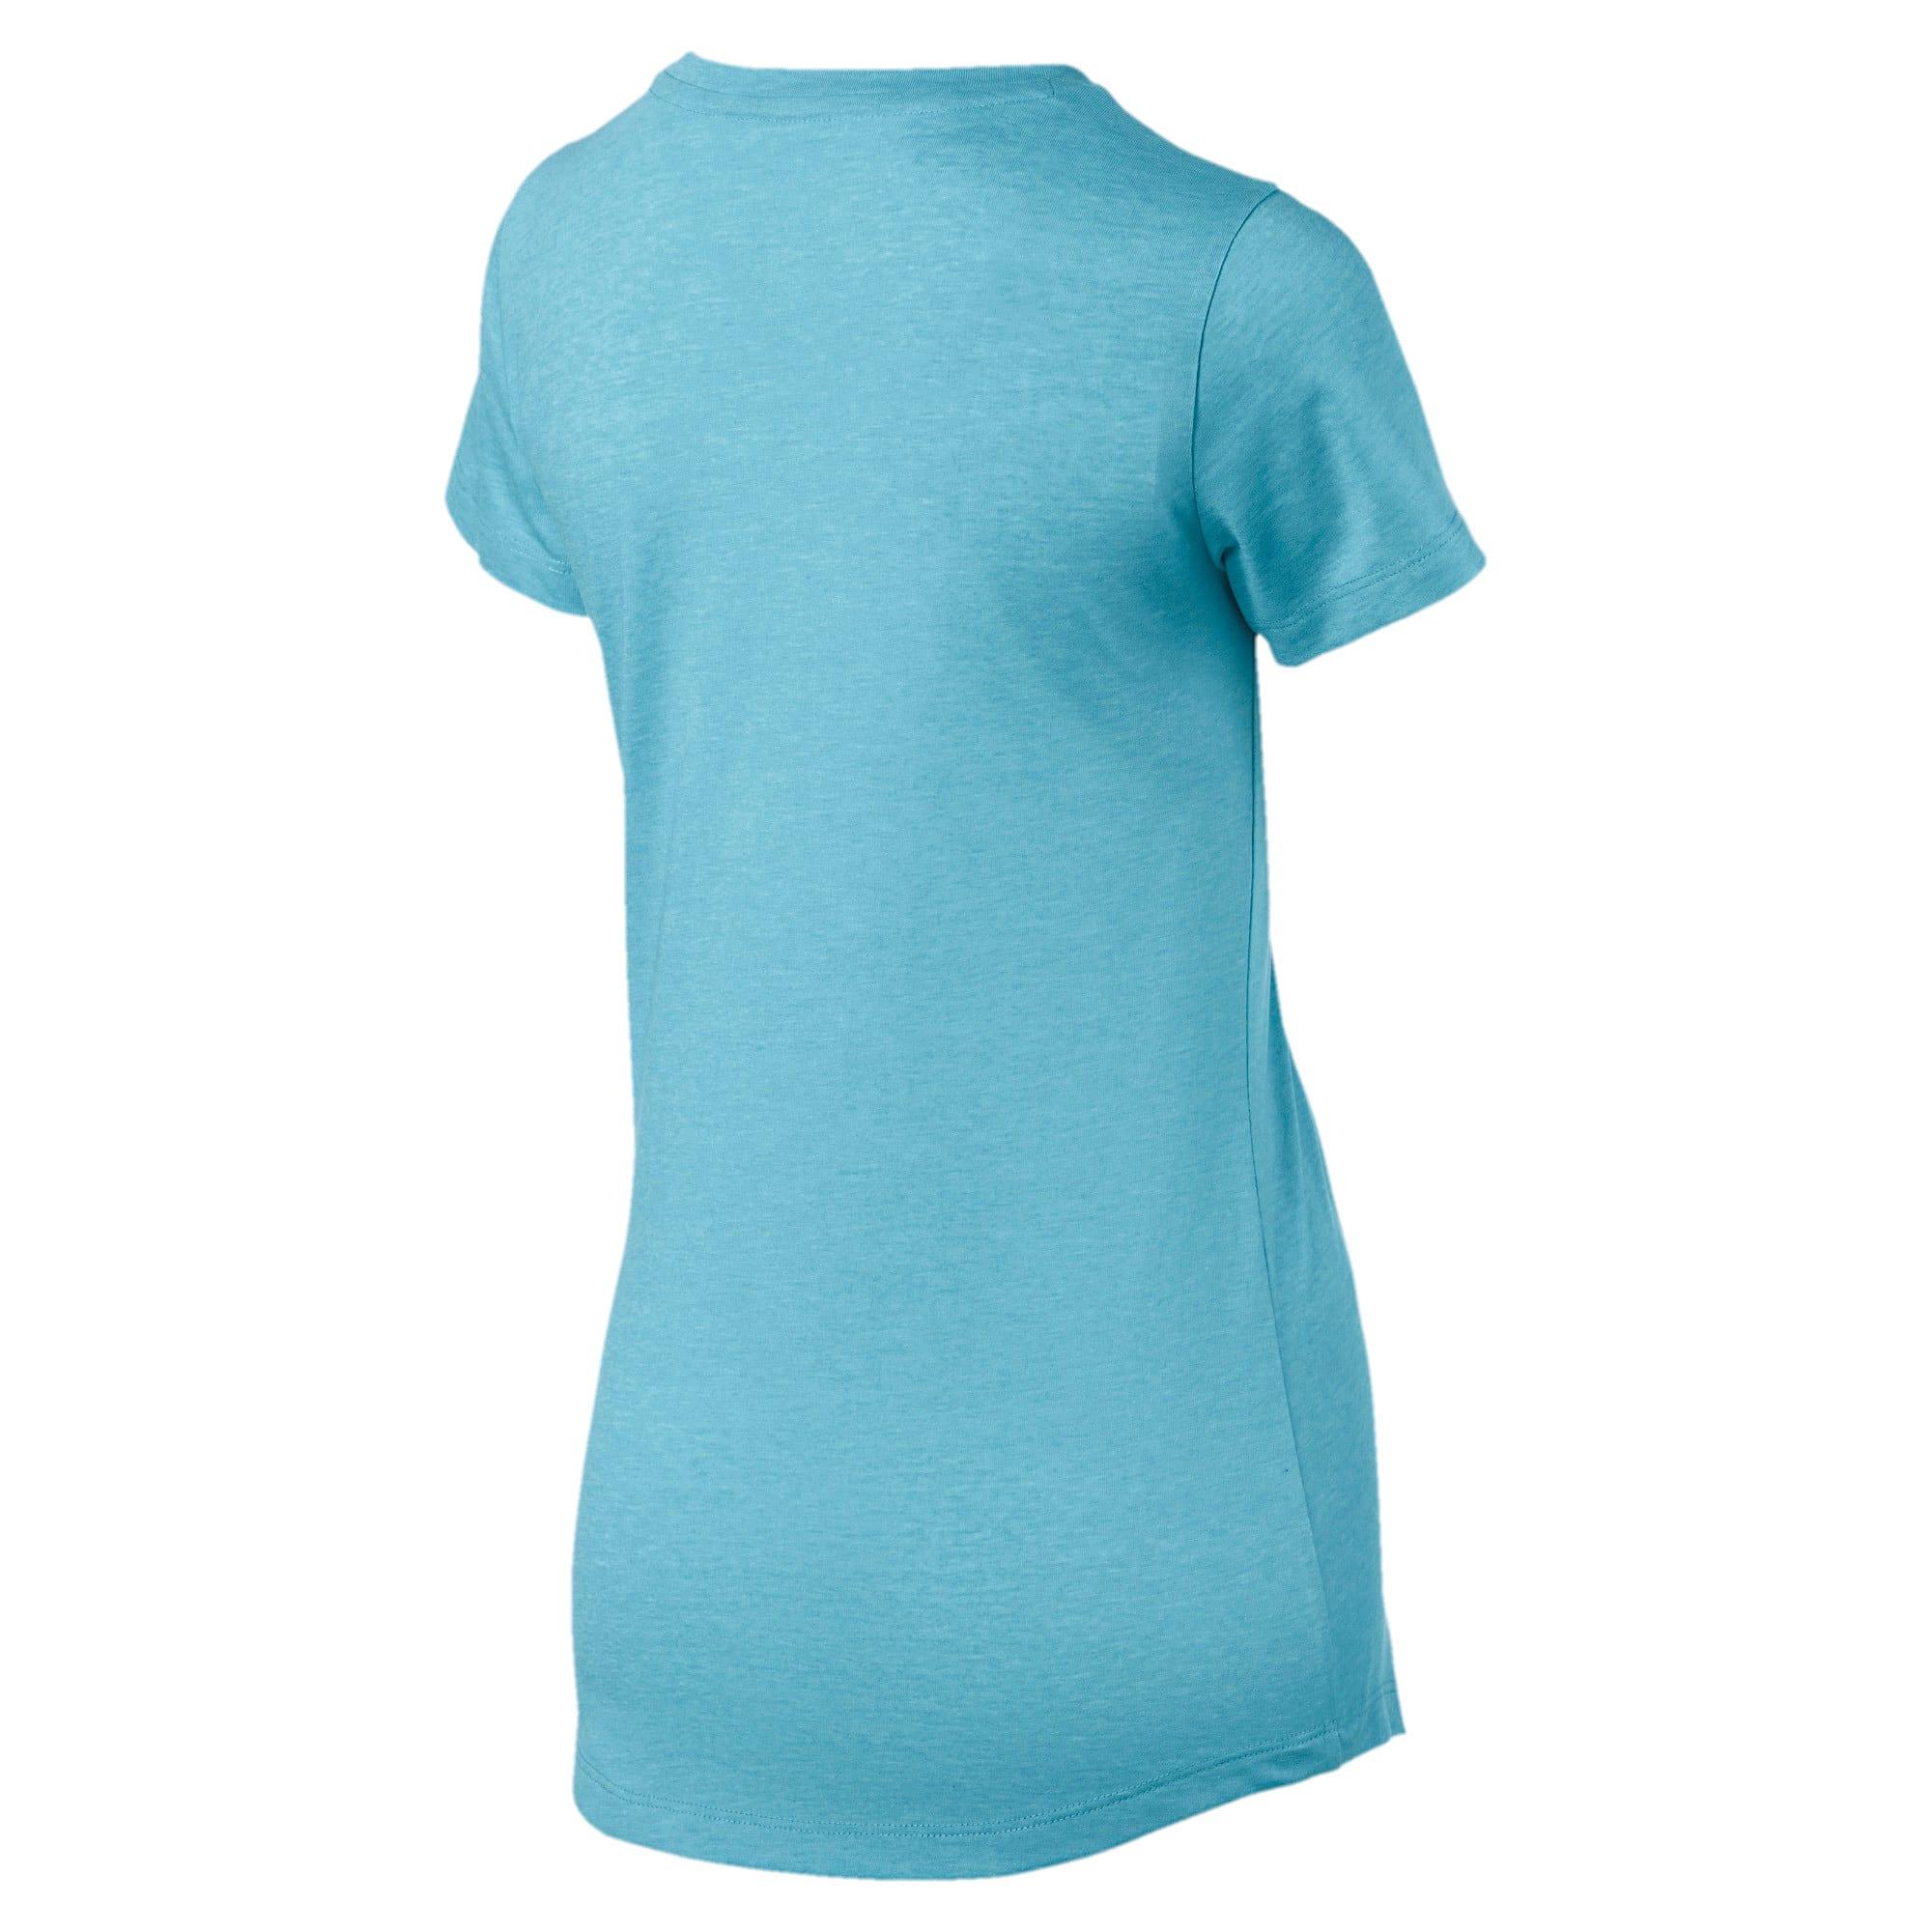 Miniatura 5 de Camsieta Essentials + Heather de mujer, Milky Blue, mediano